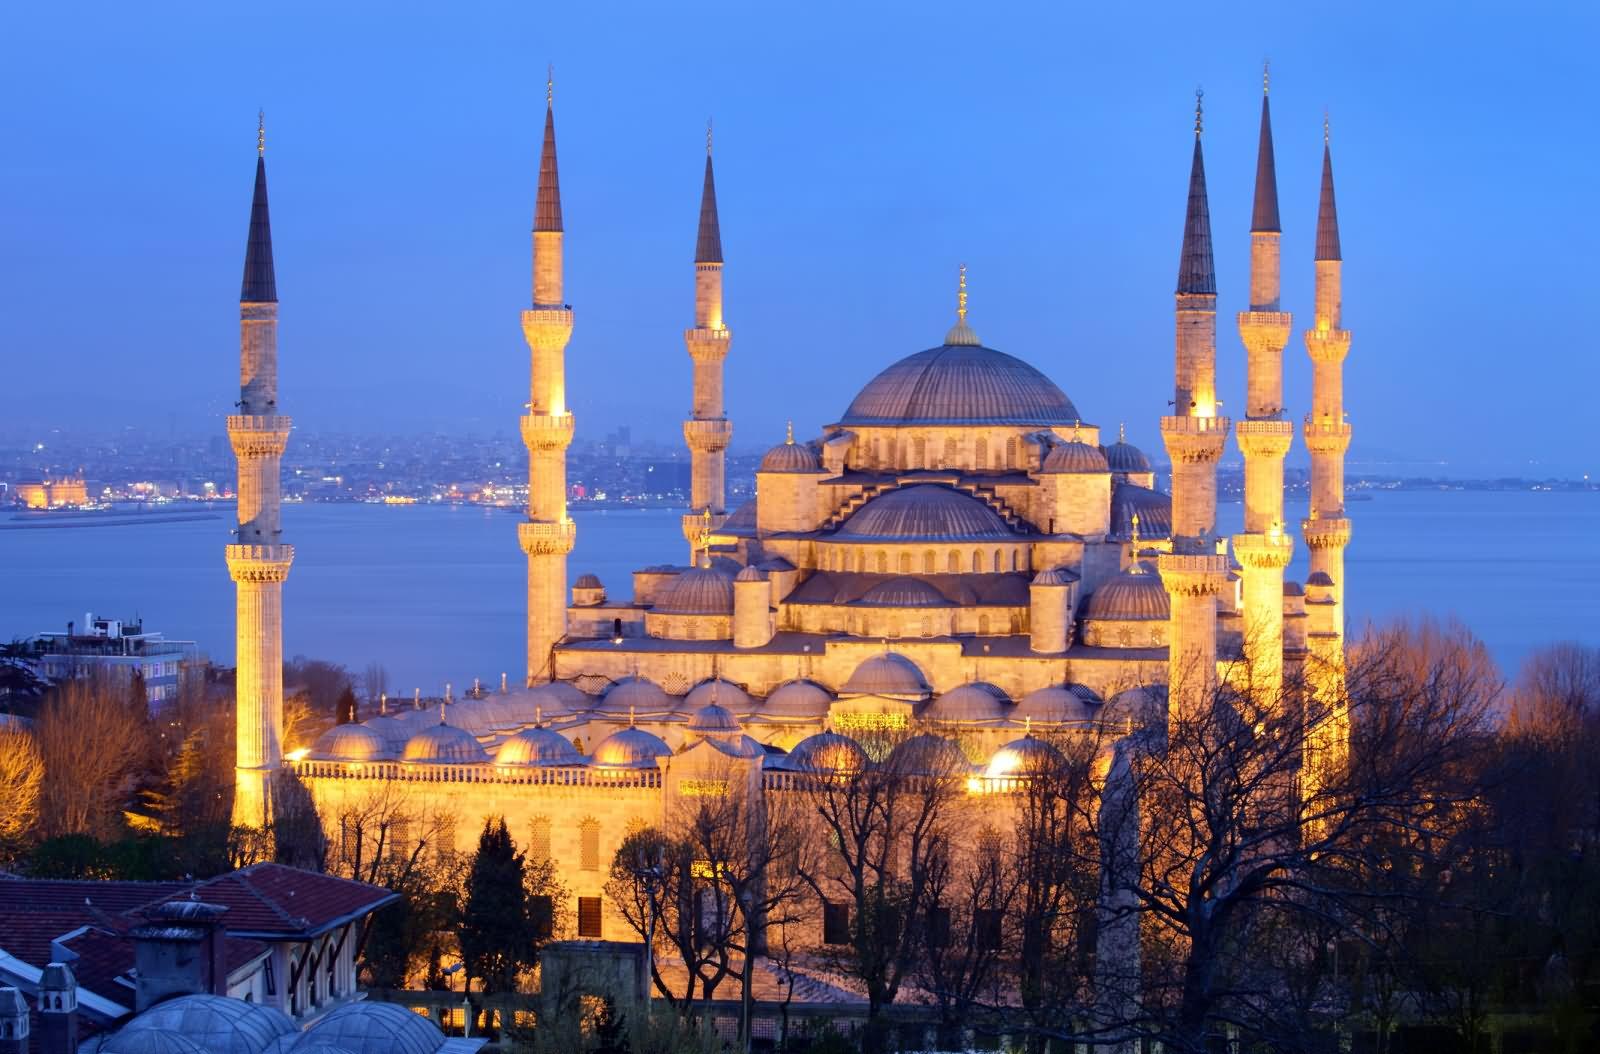 Θα πας Κωνσταντινούπολη; Μάθε αυτά που ΔΕΝ πρέπει να κάνεις! (Photos)